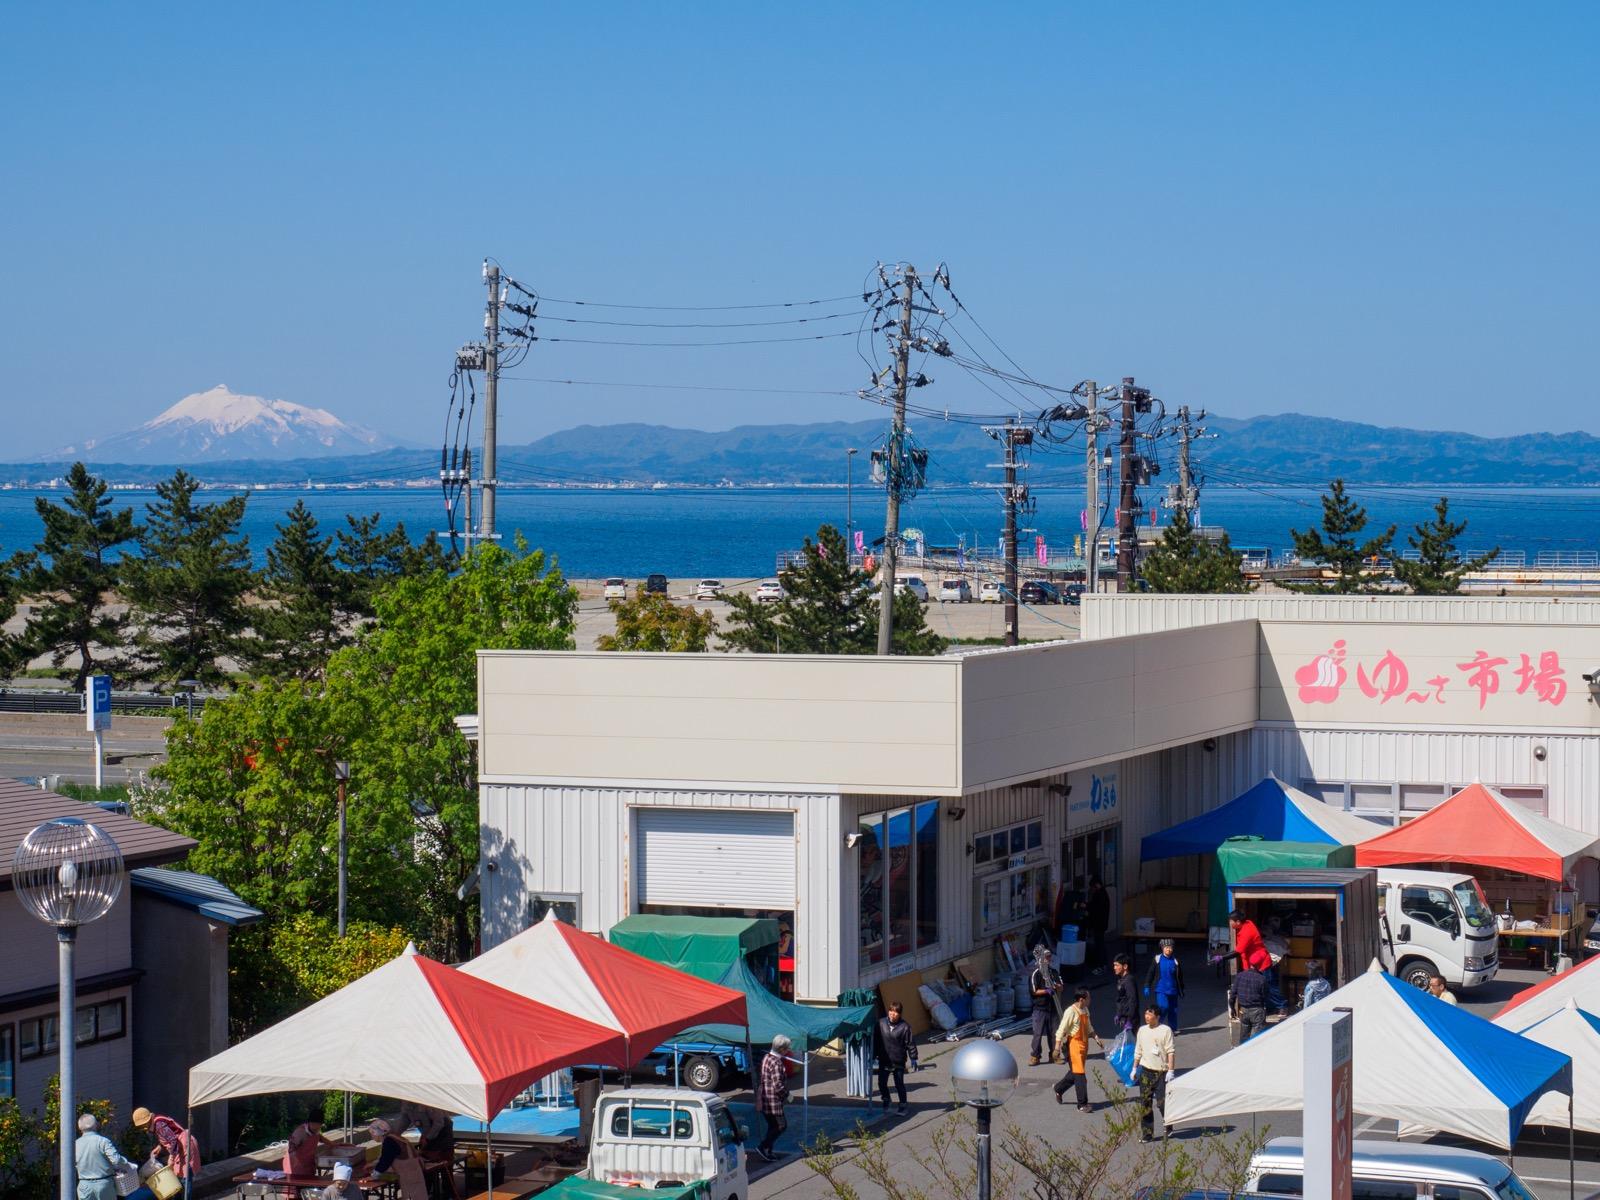 浅虫温泉駅前のゆうやけ橋から見える「道の駅浅虫温泉駅」の「ゆ〜さ市場」と、津軽半島の岩木山